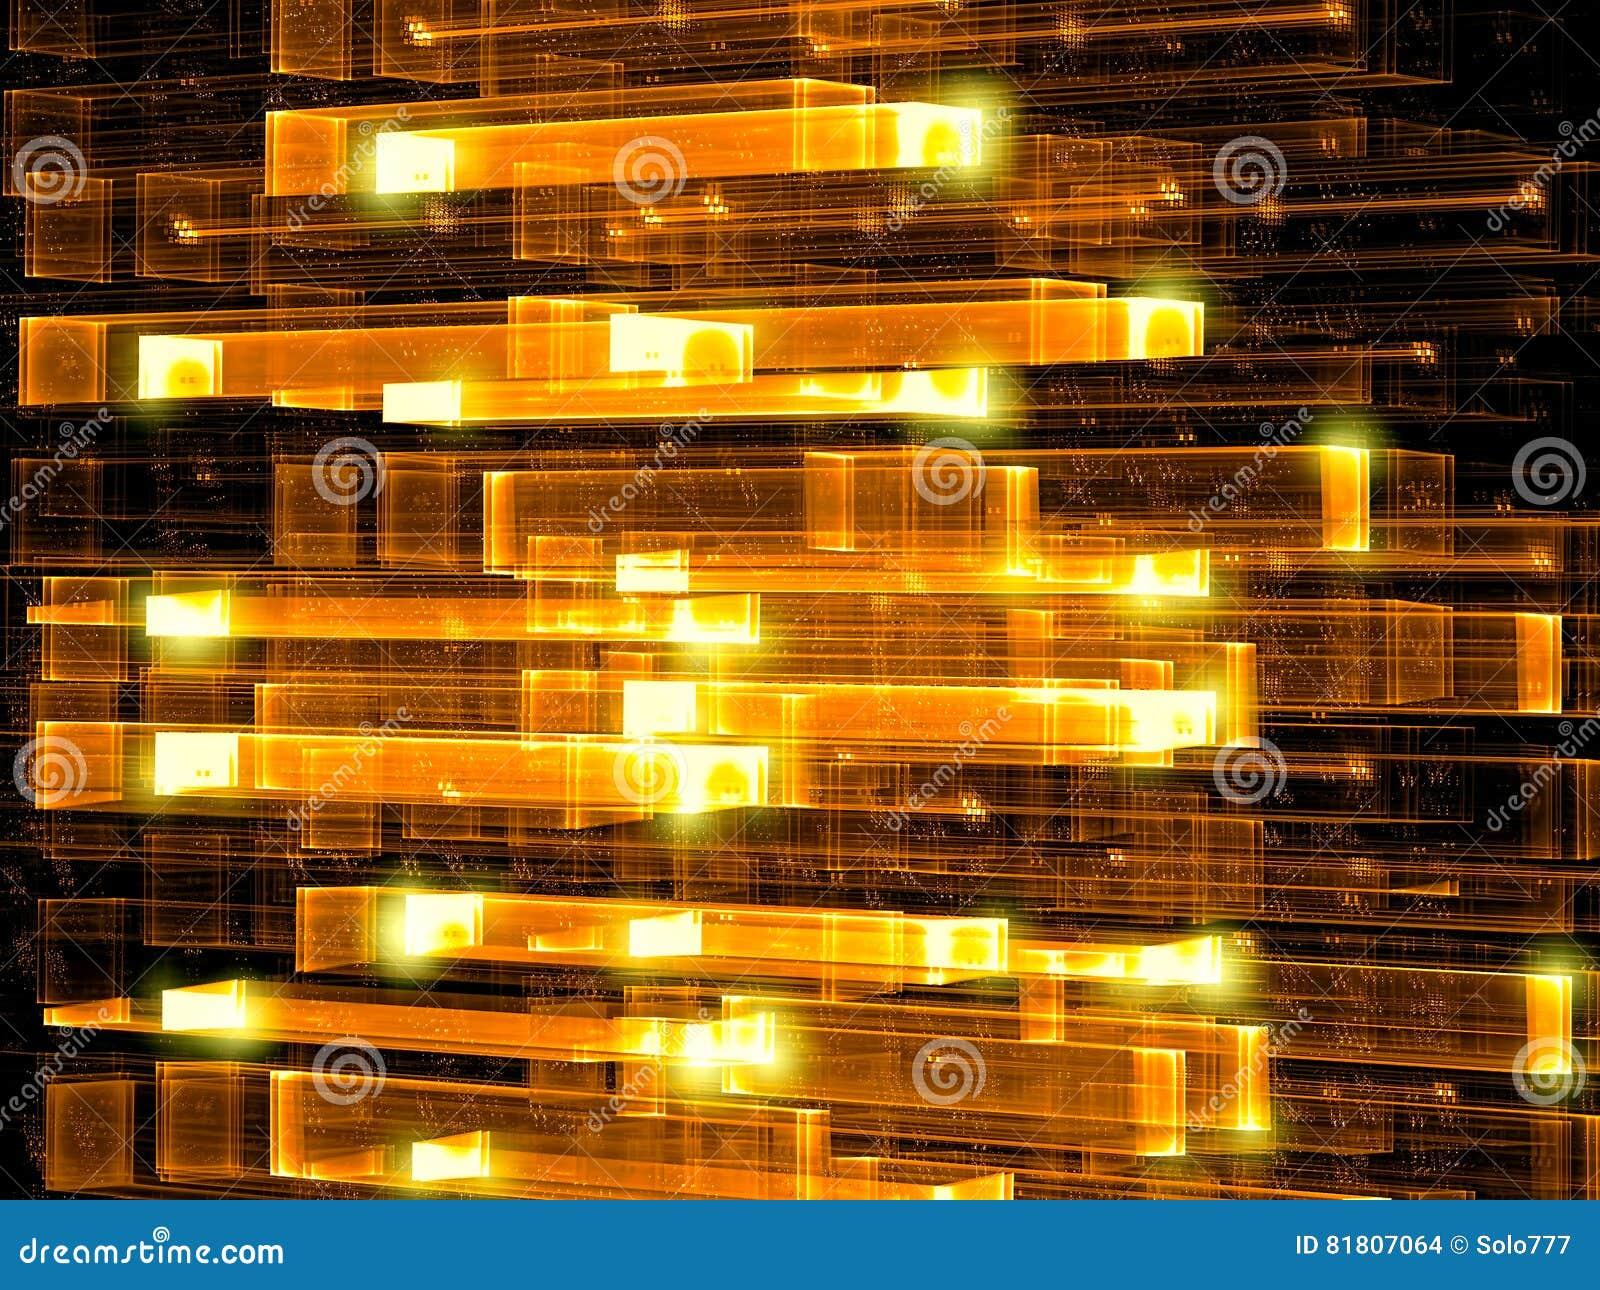 Стеклянная решетка - изображение конспекта цифров произведенное